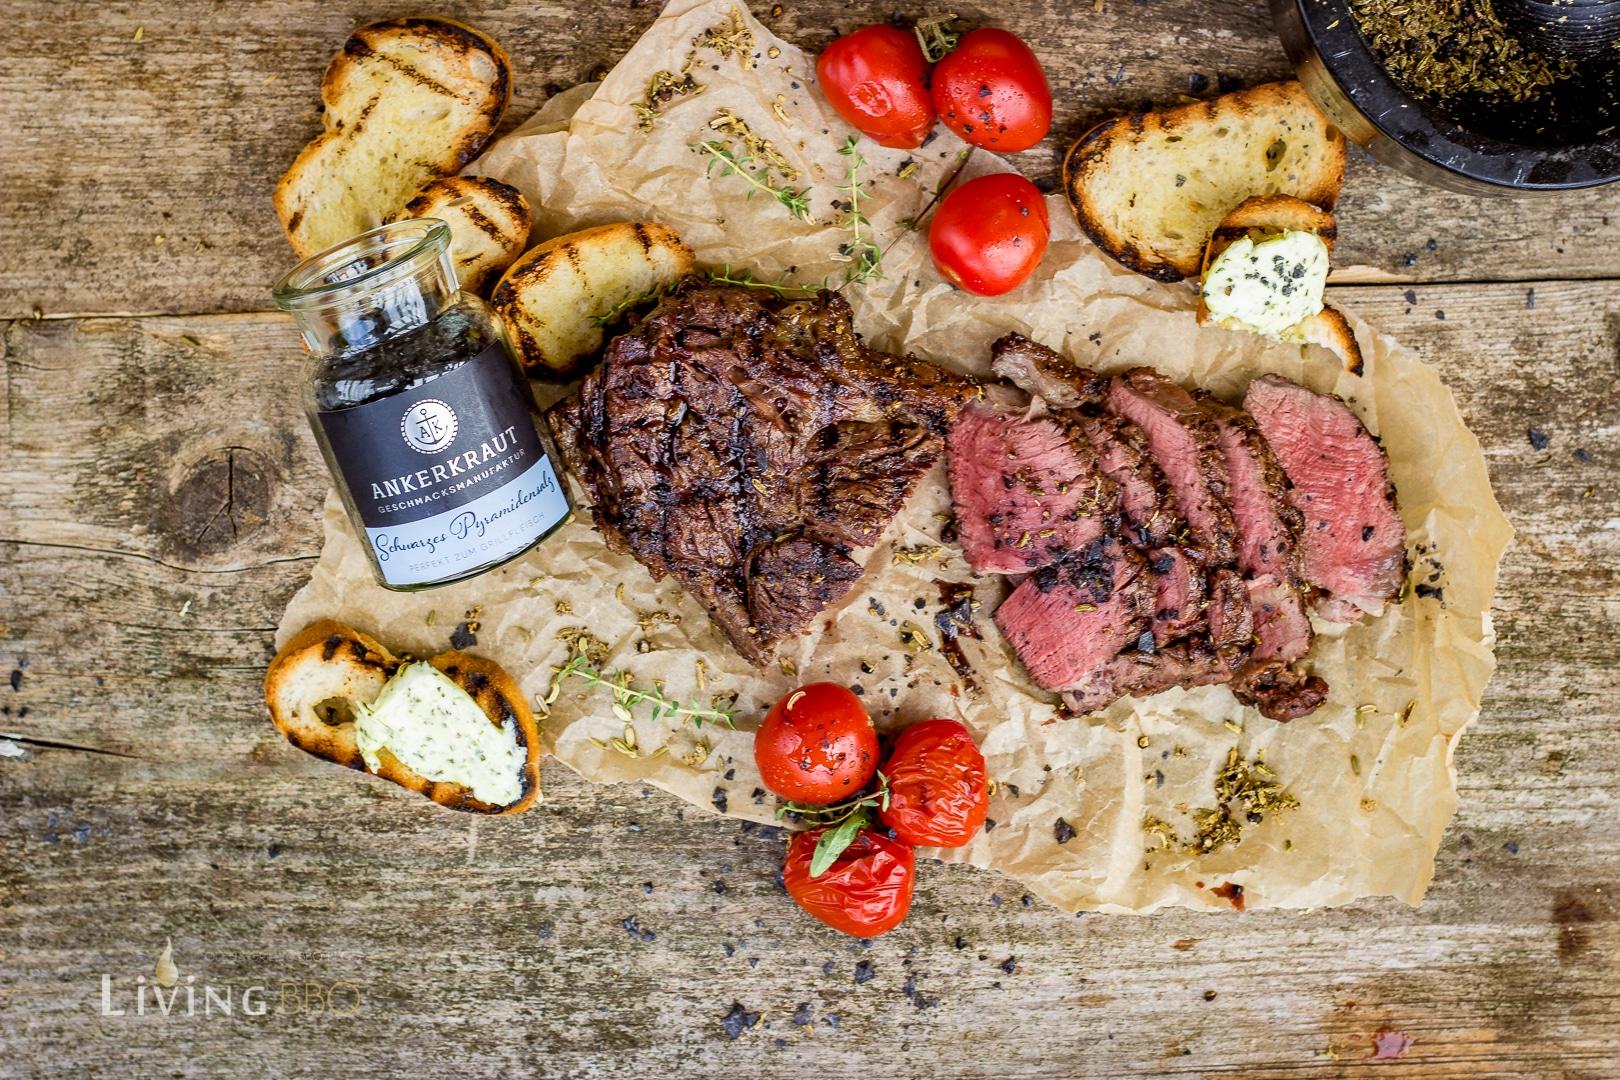 scharzes Pyramidensalz auf Ribeye Steak